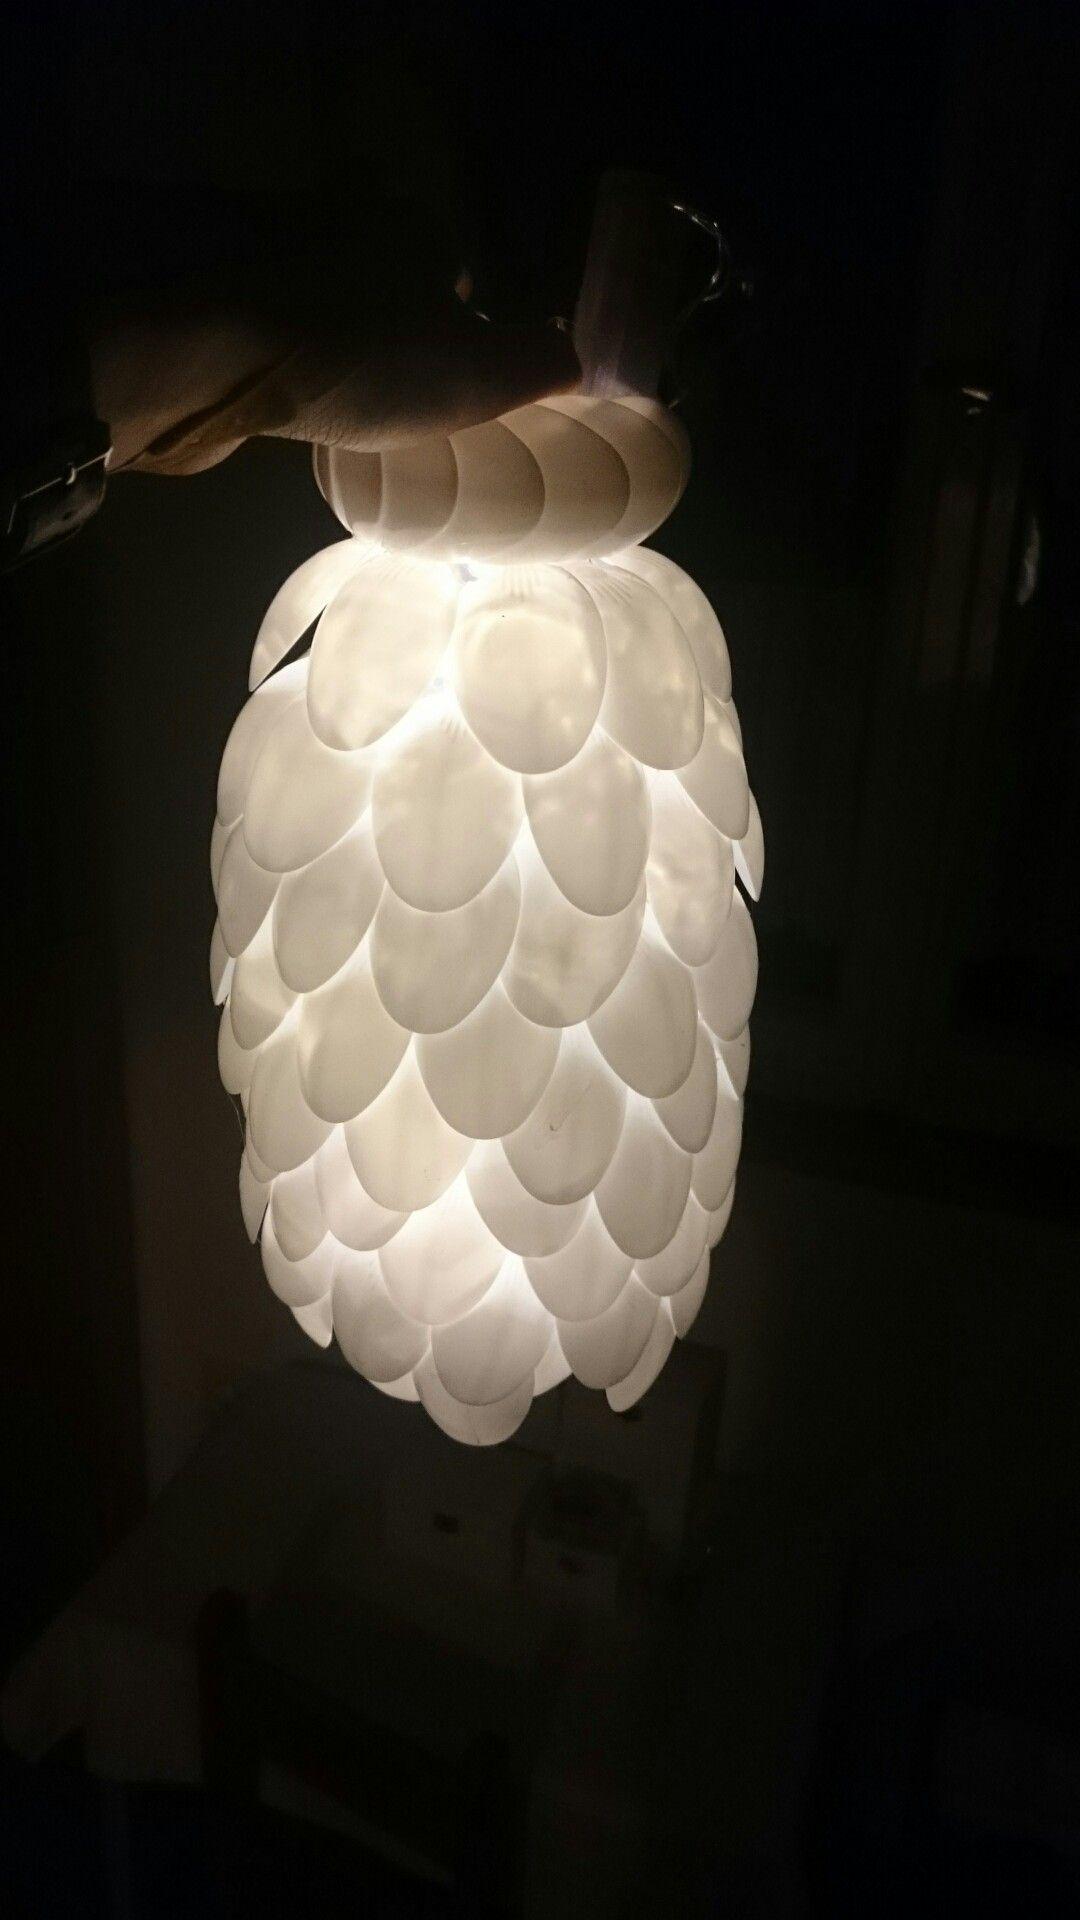 L ffel lampe basteln pinterest basteln l ffel lampe und lampen - Fruhlingsdeko selber basteln ...